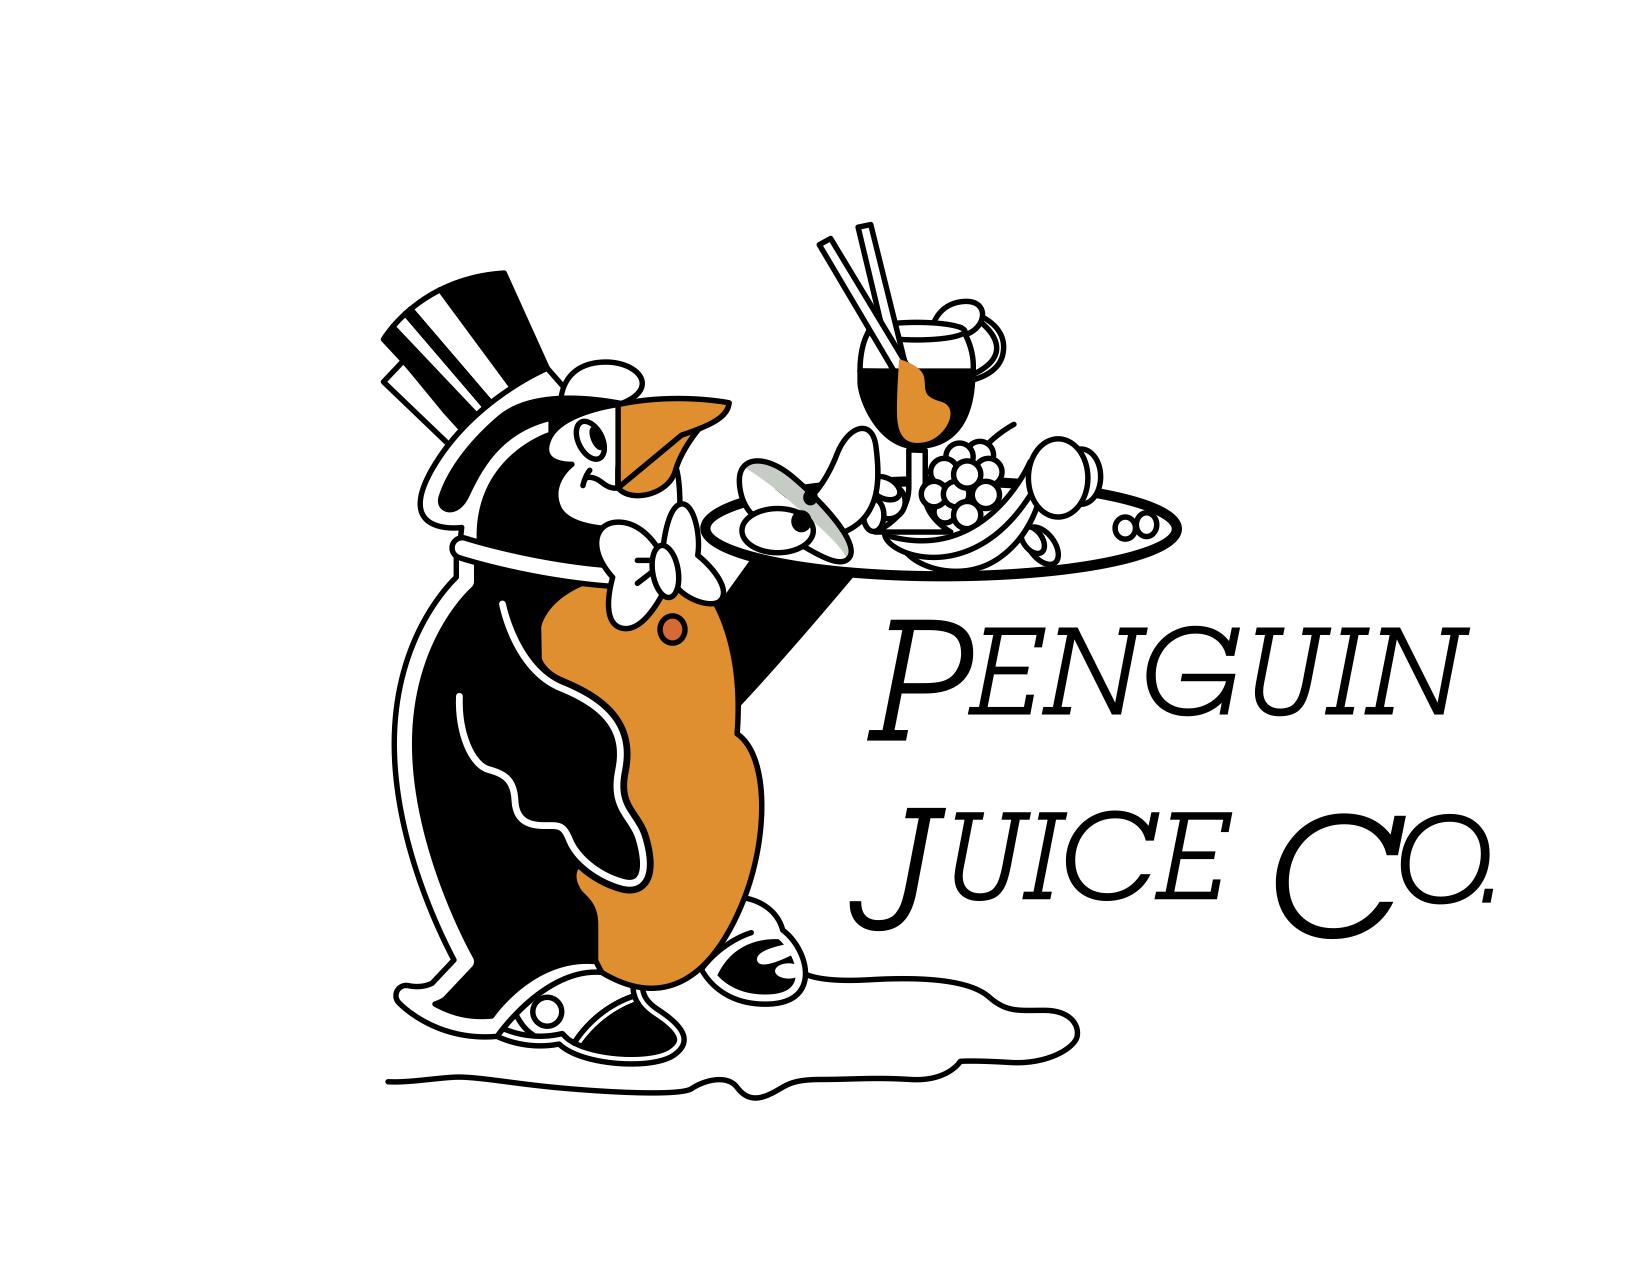 Penguin Juice Company